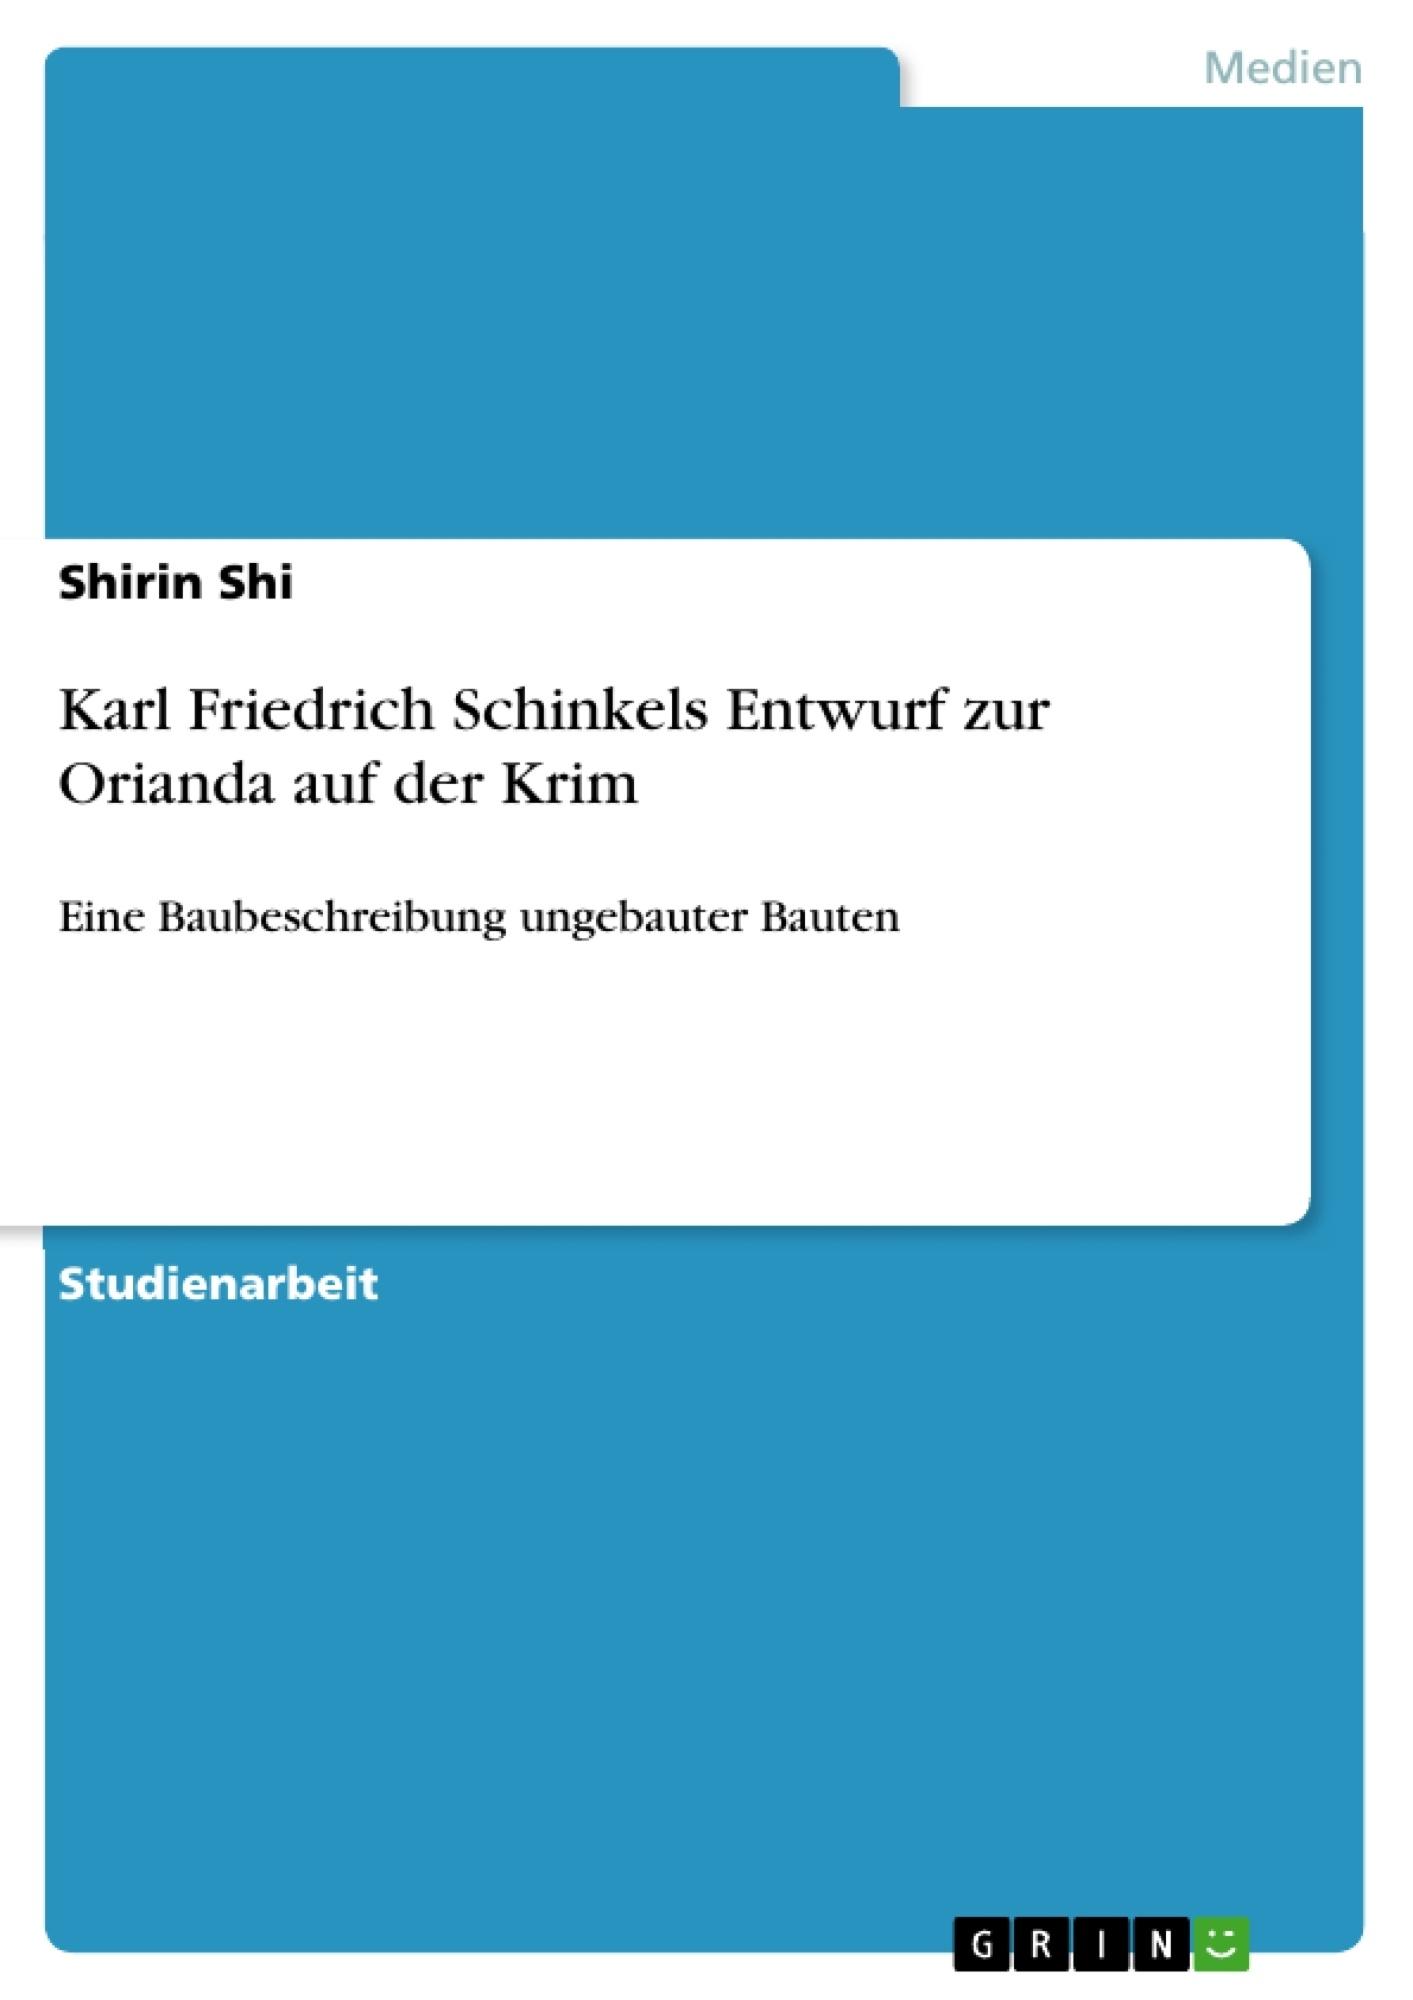 Titel: Karl Friedrich Schinkels Entwurf zur Orianda auf der Krim